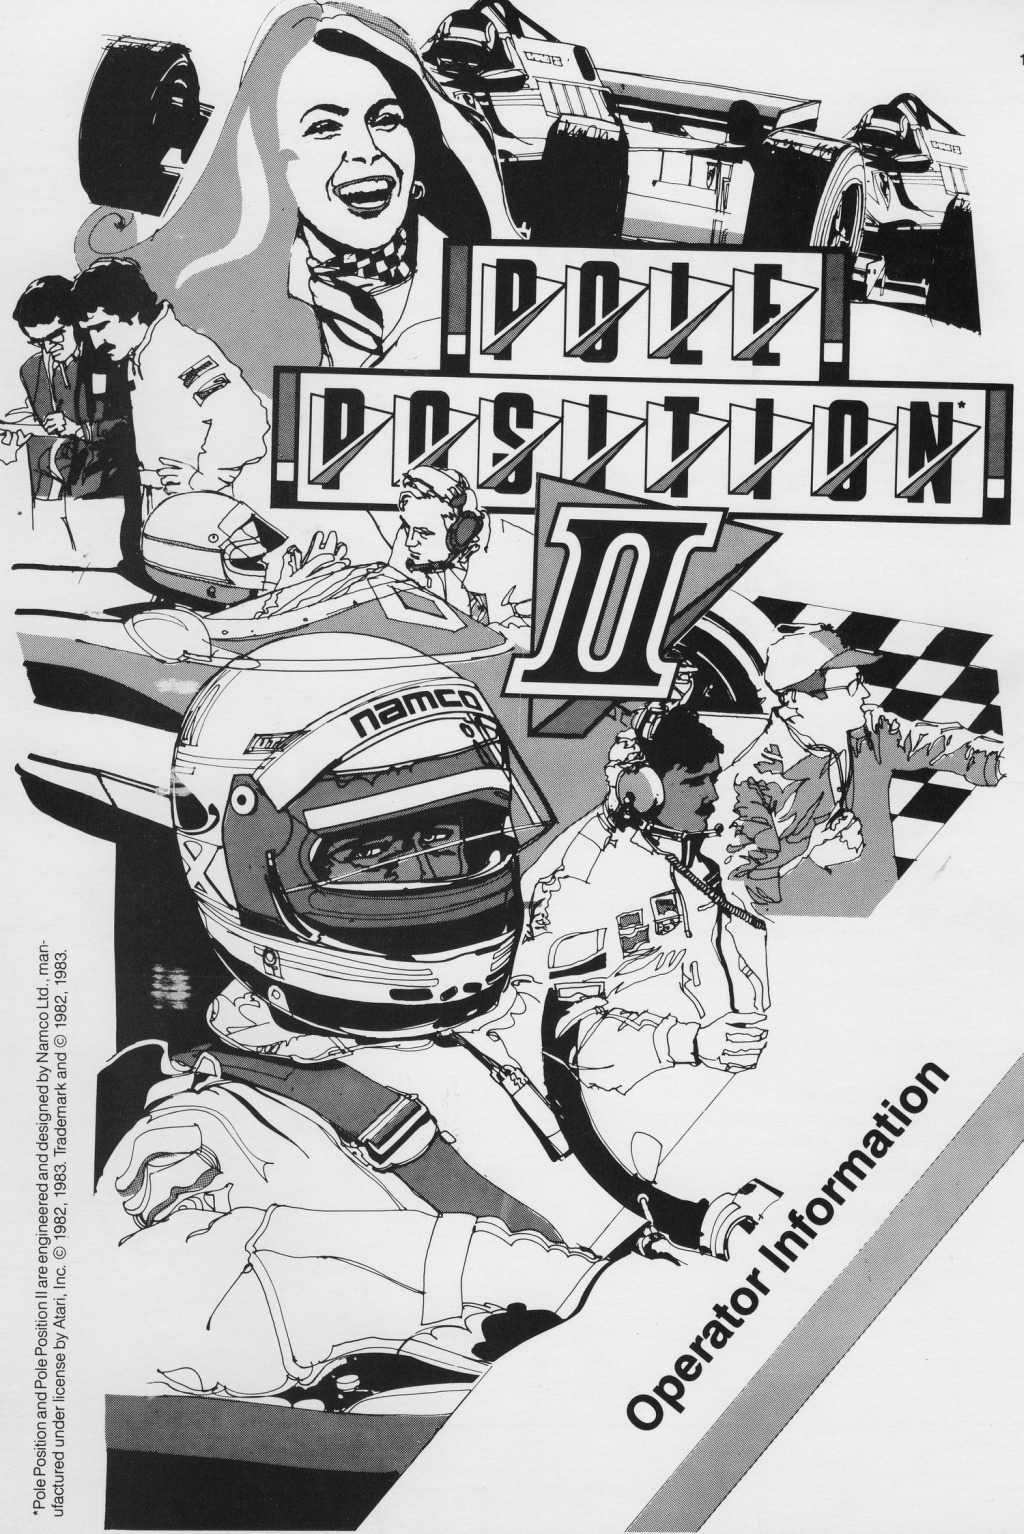 Werbung von Pole Position. (Atari, 1983)